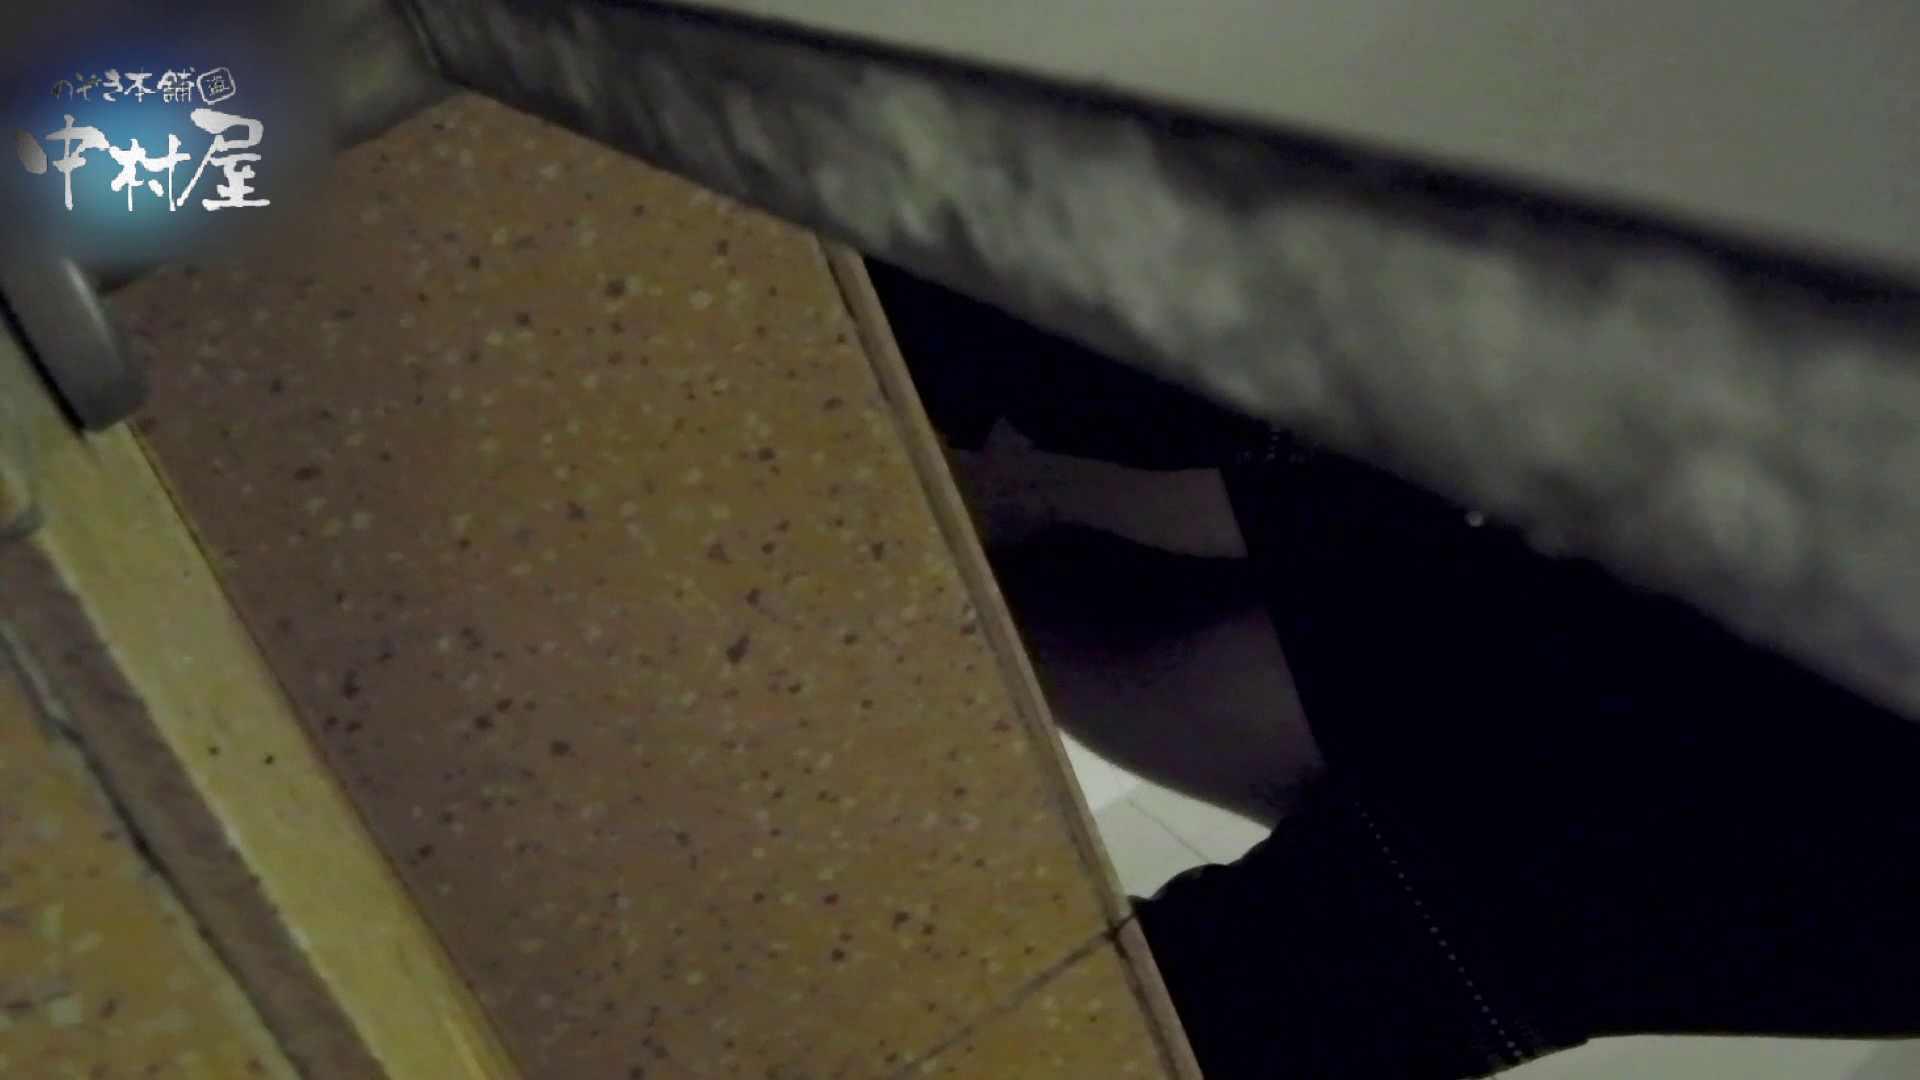 乙女集まる!ショッピングモール潜入撮vol.07 和式   OLセックス  102画像 19